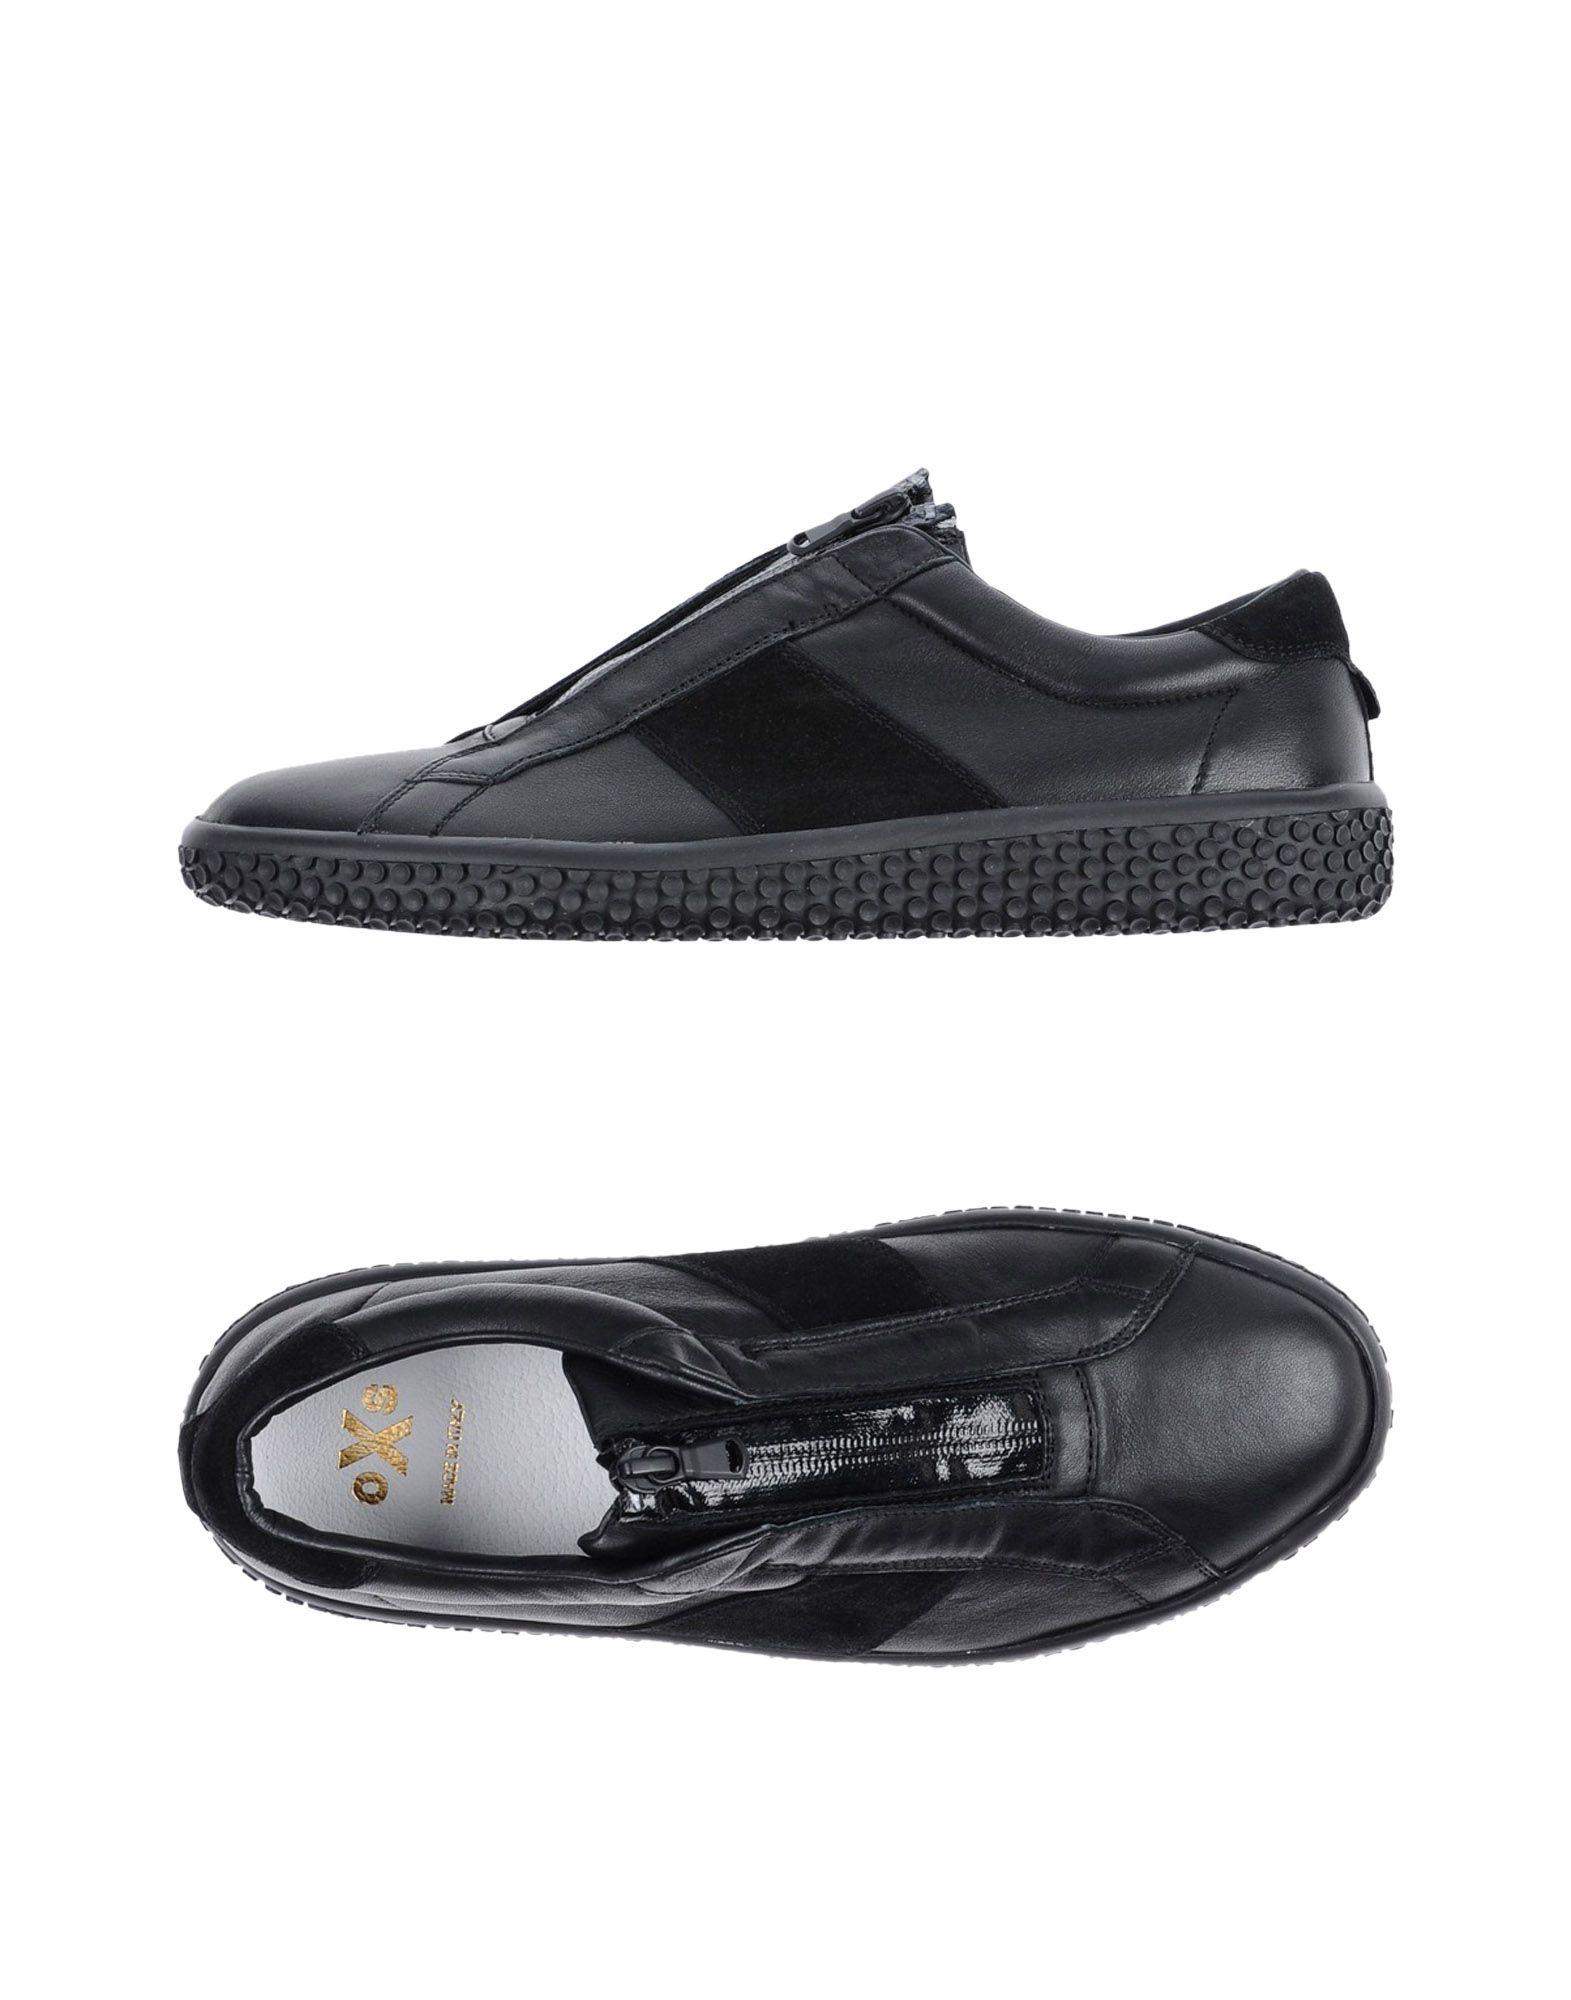 O.X.S. Sneakers Herren  Schuhe 11355154FU Heiße Schuhe  a395af